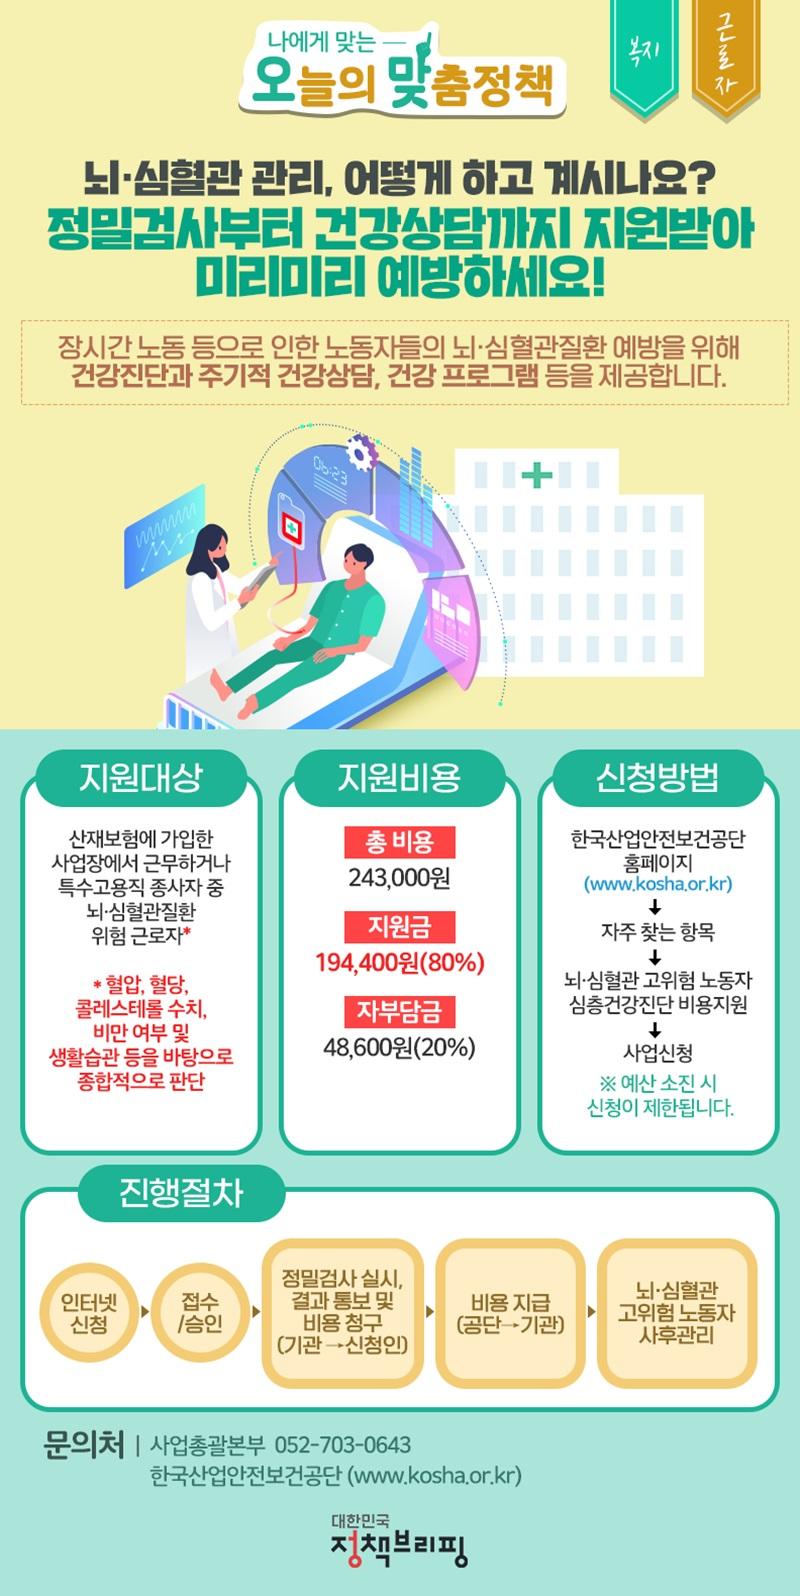 [오맞! 이 정책] 뇌·심혈관 관리 지원받아 미리 예방하세요! 하단내용 참조